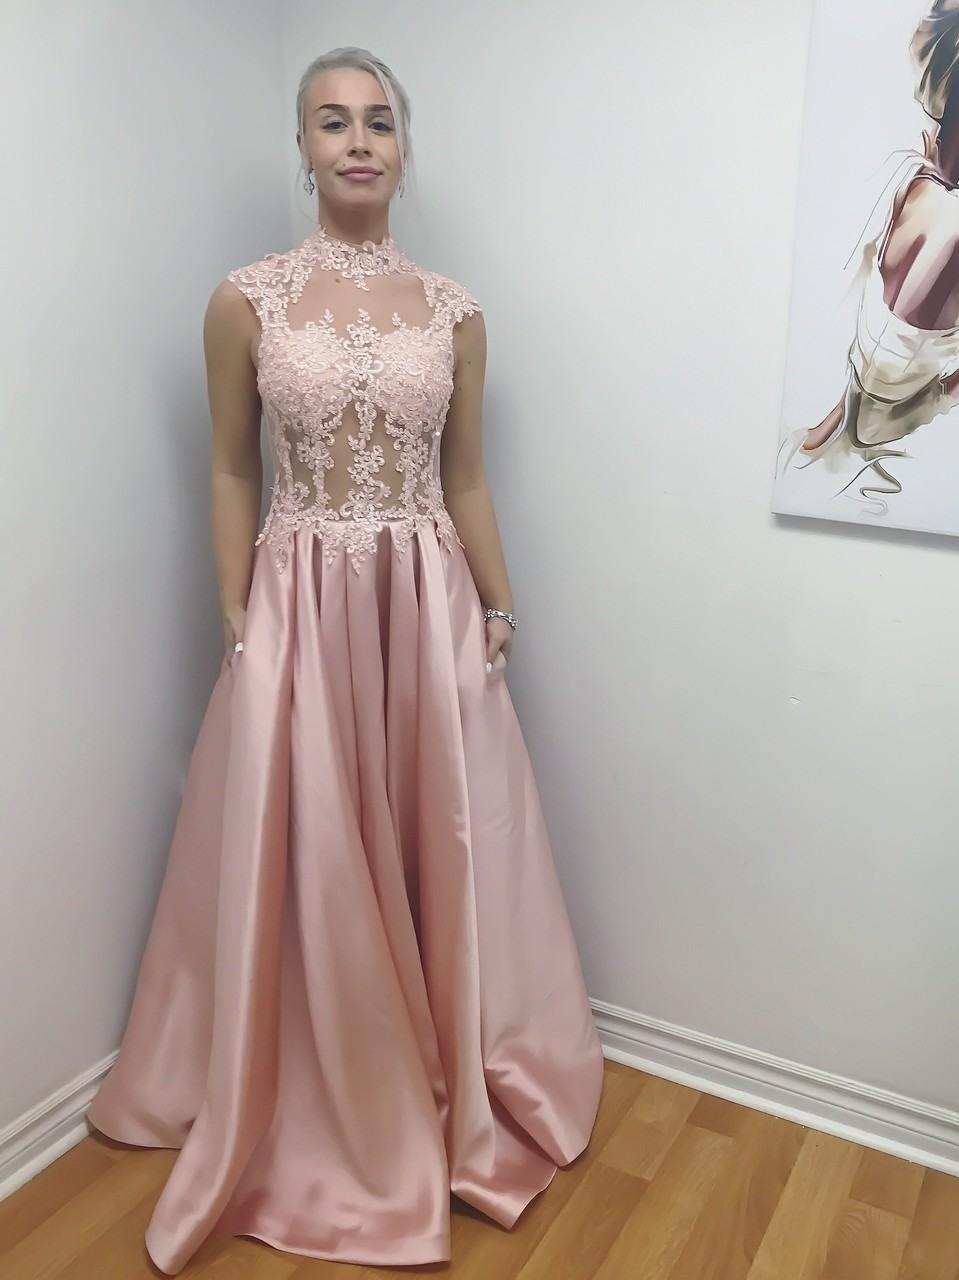 Abend Ausgezeichnet Elegante Lange Abendkleider für 2019Abend Luxus Elegante Lange Abendkleider Galerie